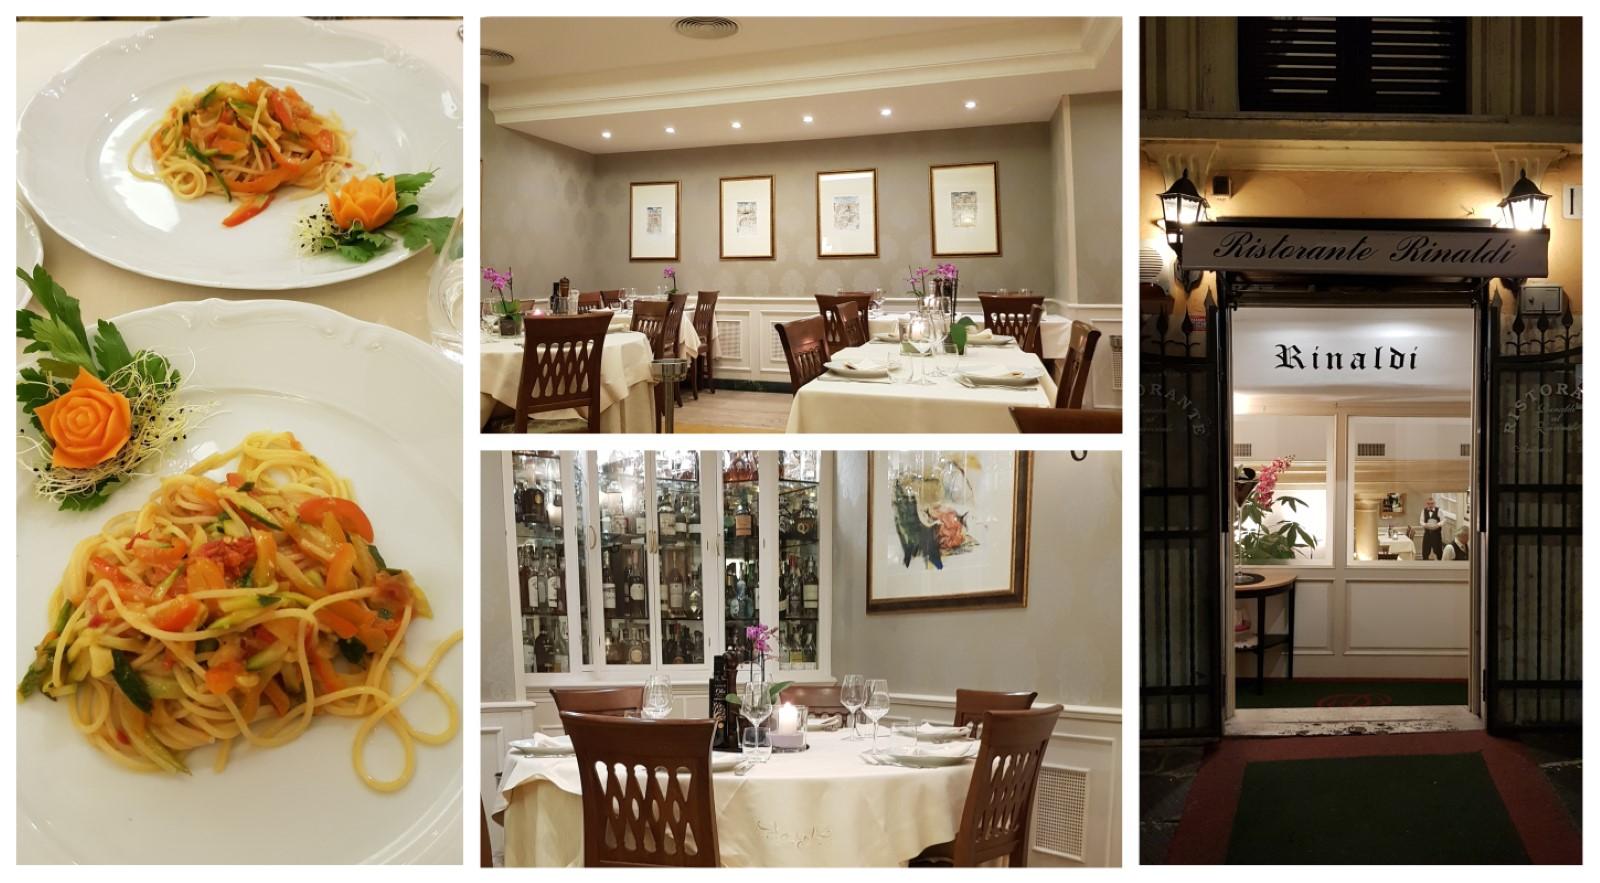 תמונות של מסעדת רינאלדי